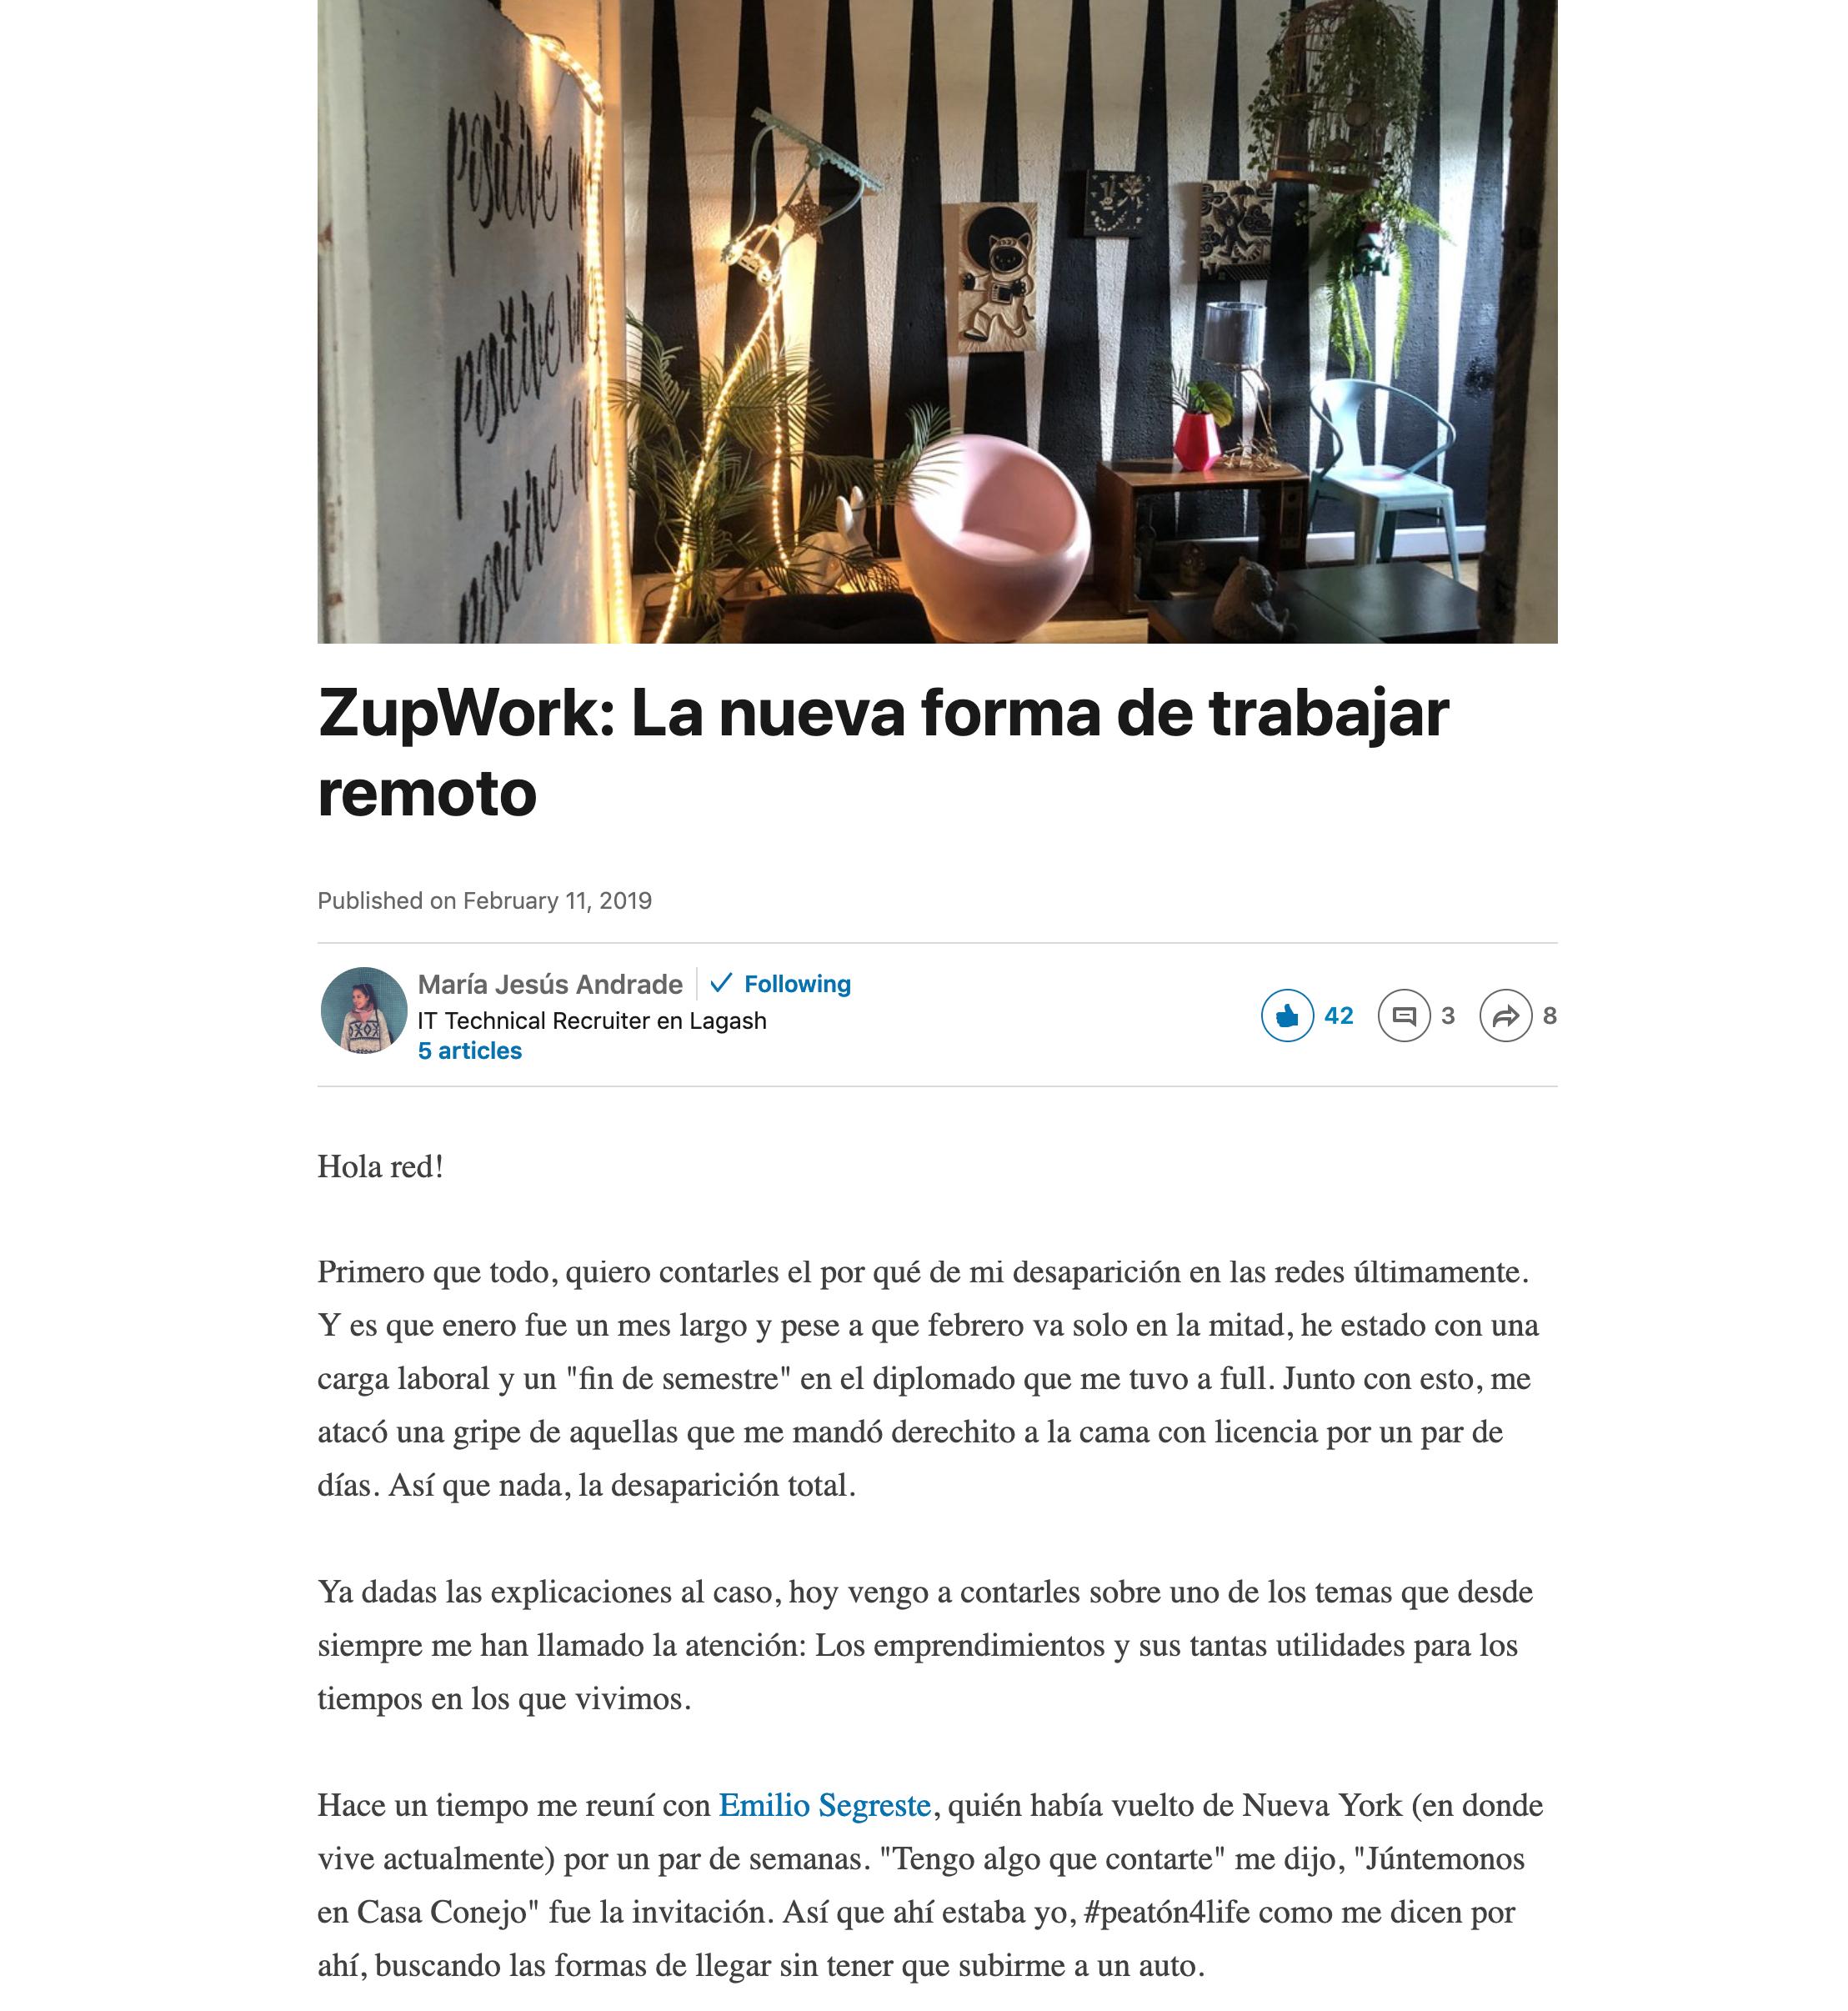 screencapture-linkedin-pulse-zupwork-la-nueva-forma-de-trabajar-remoto-maria-jesus-andrade-